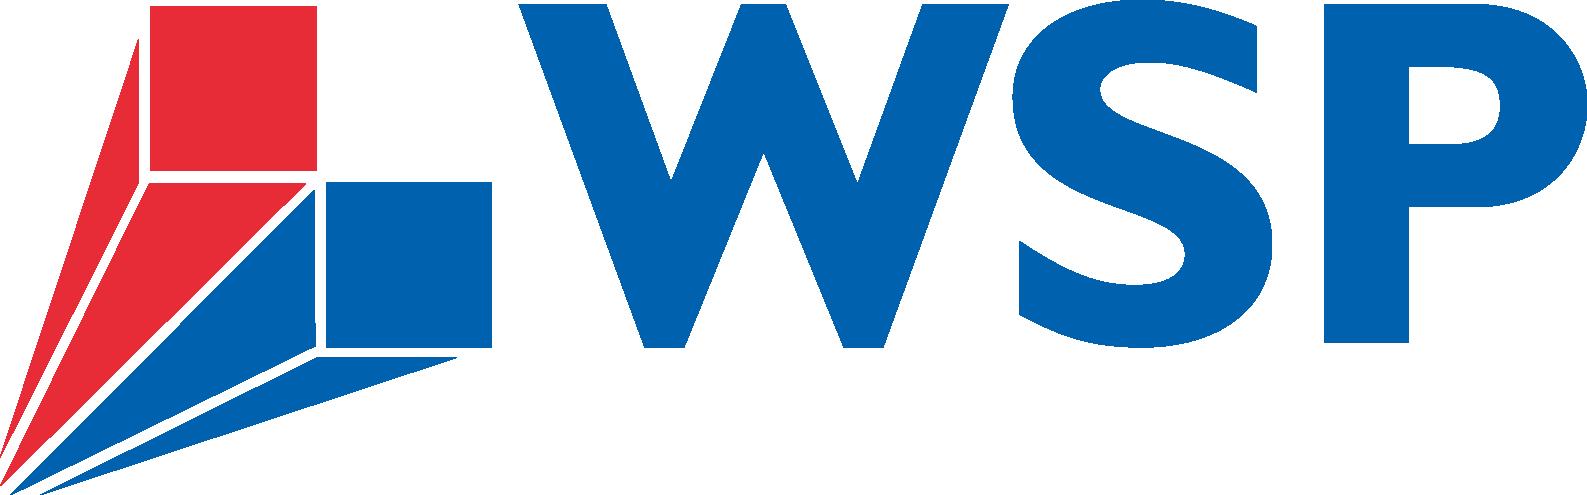 korjausrakentamiseen-erikoistunut-rak-suunnittelija-ouluun-sdsuu-2879372 logo